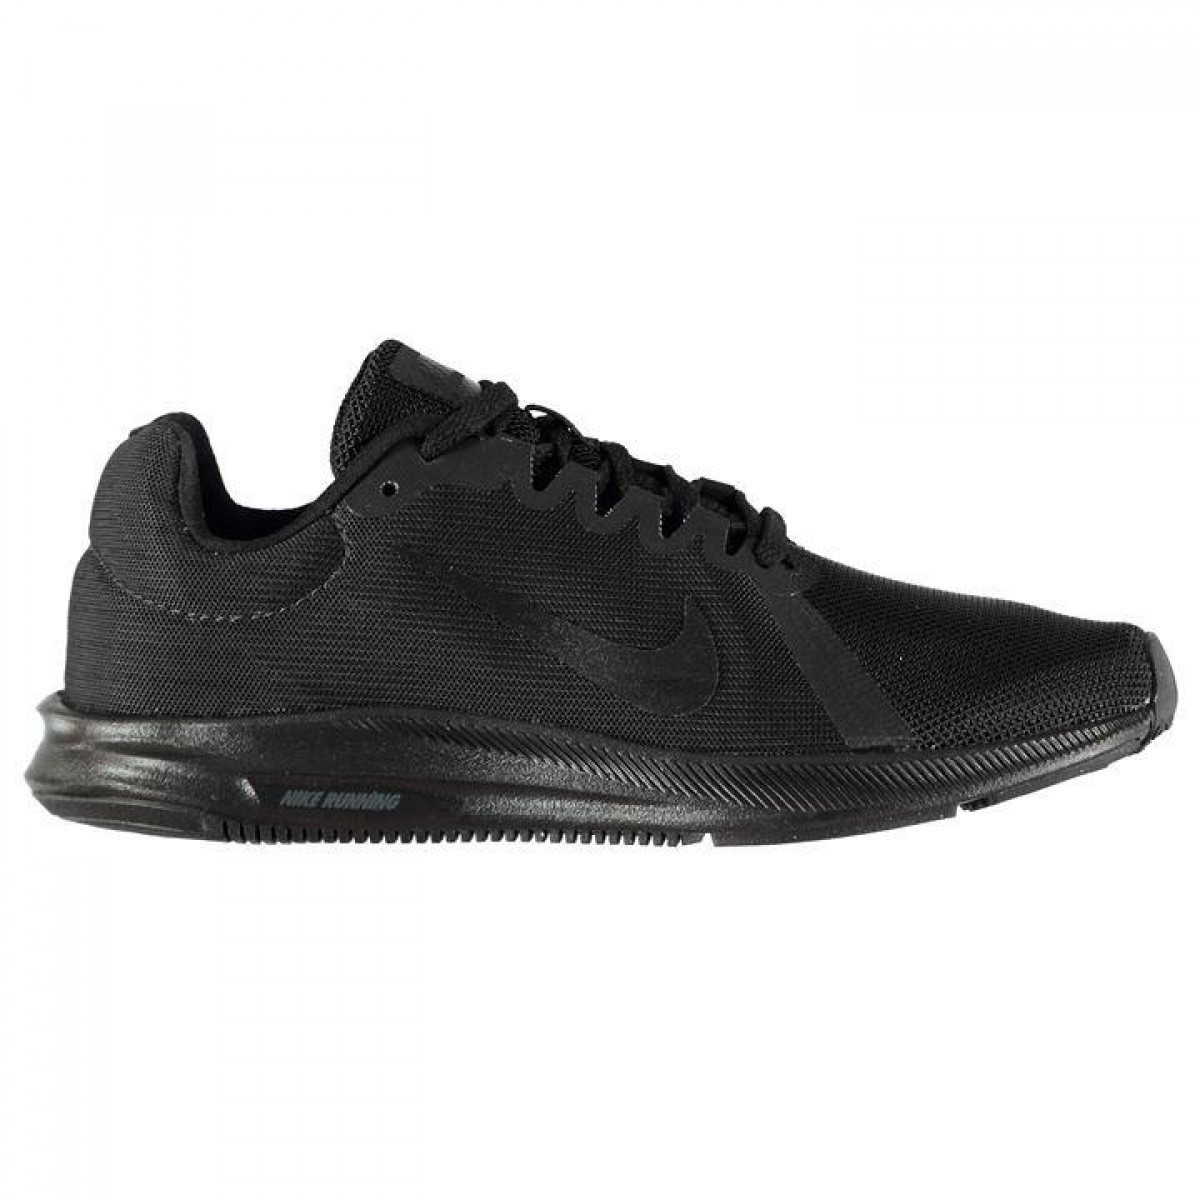 Кроссовки Nike Downshifter 8 Black/Black - Оригинал, фото 1